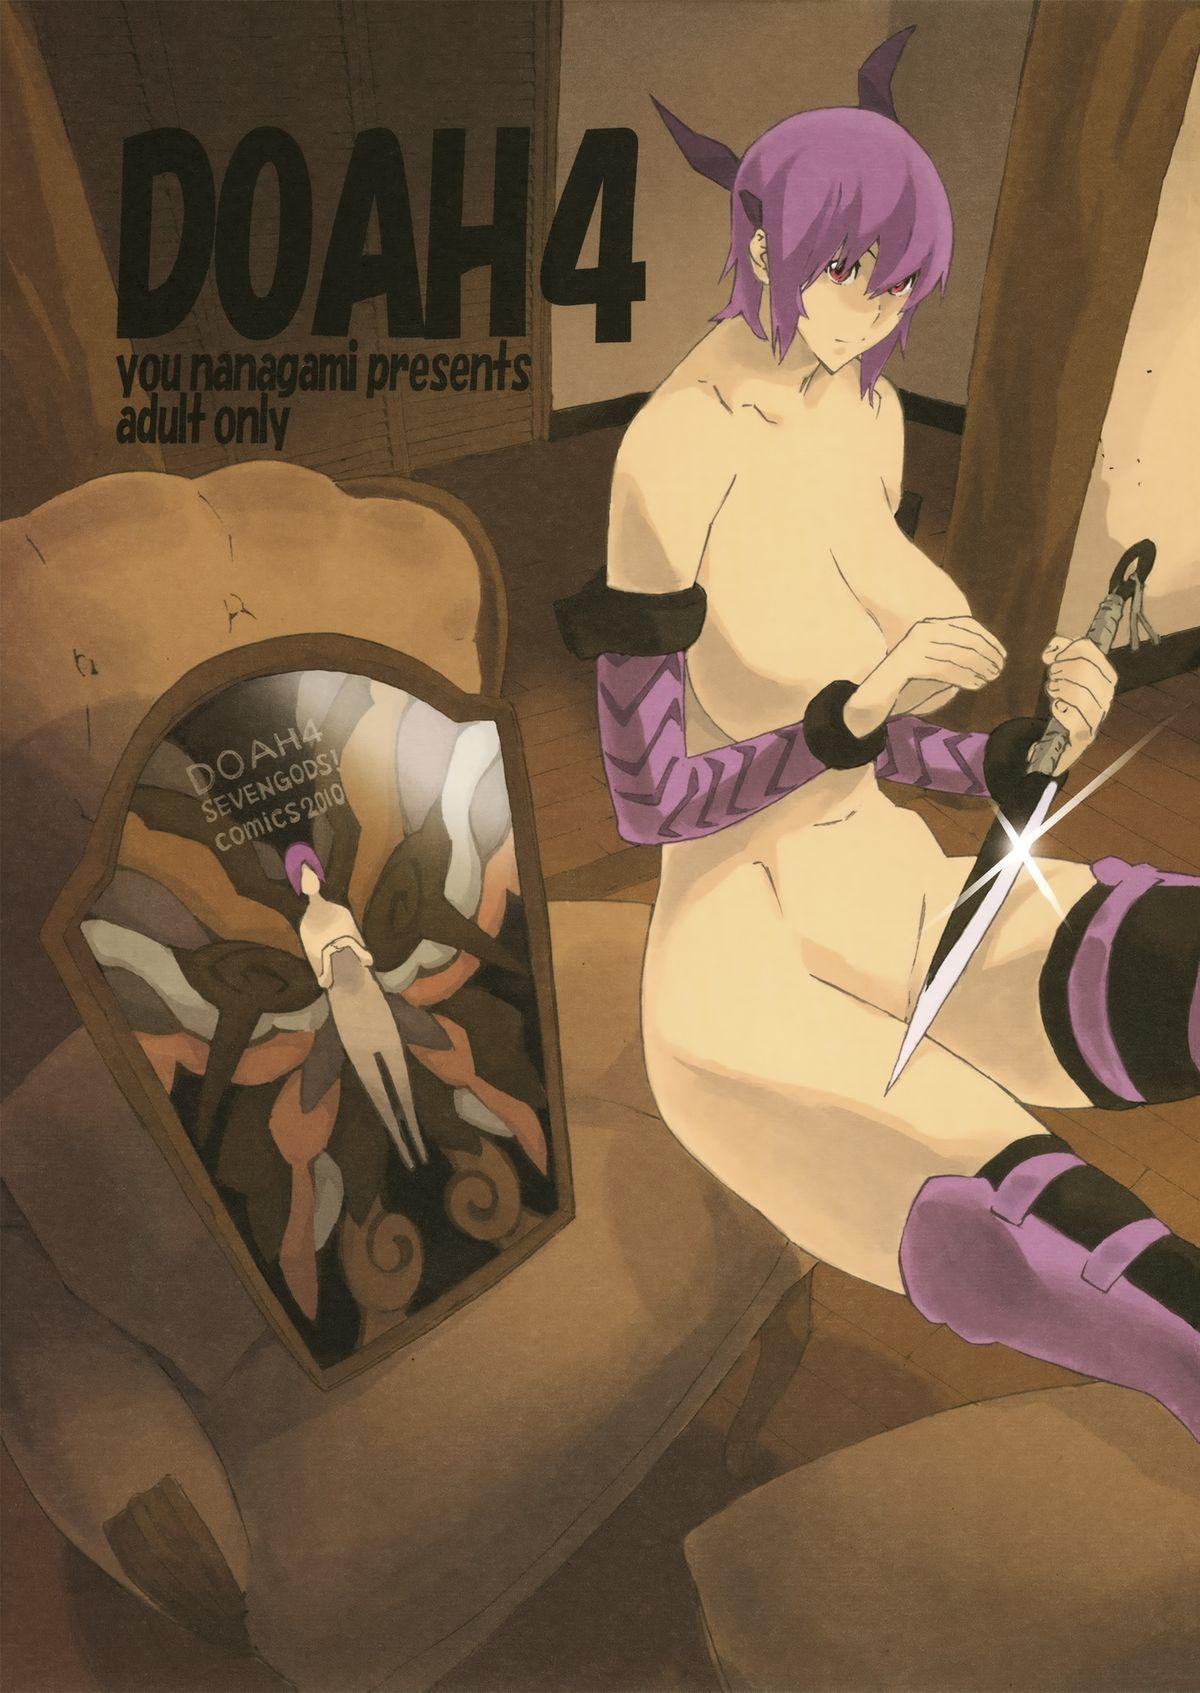 DOAH 4 0